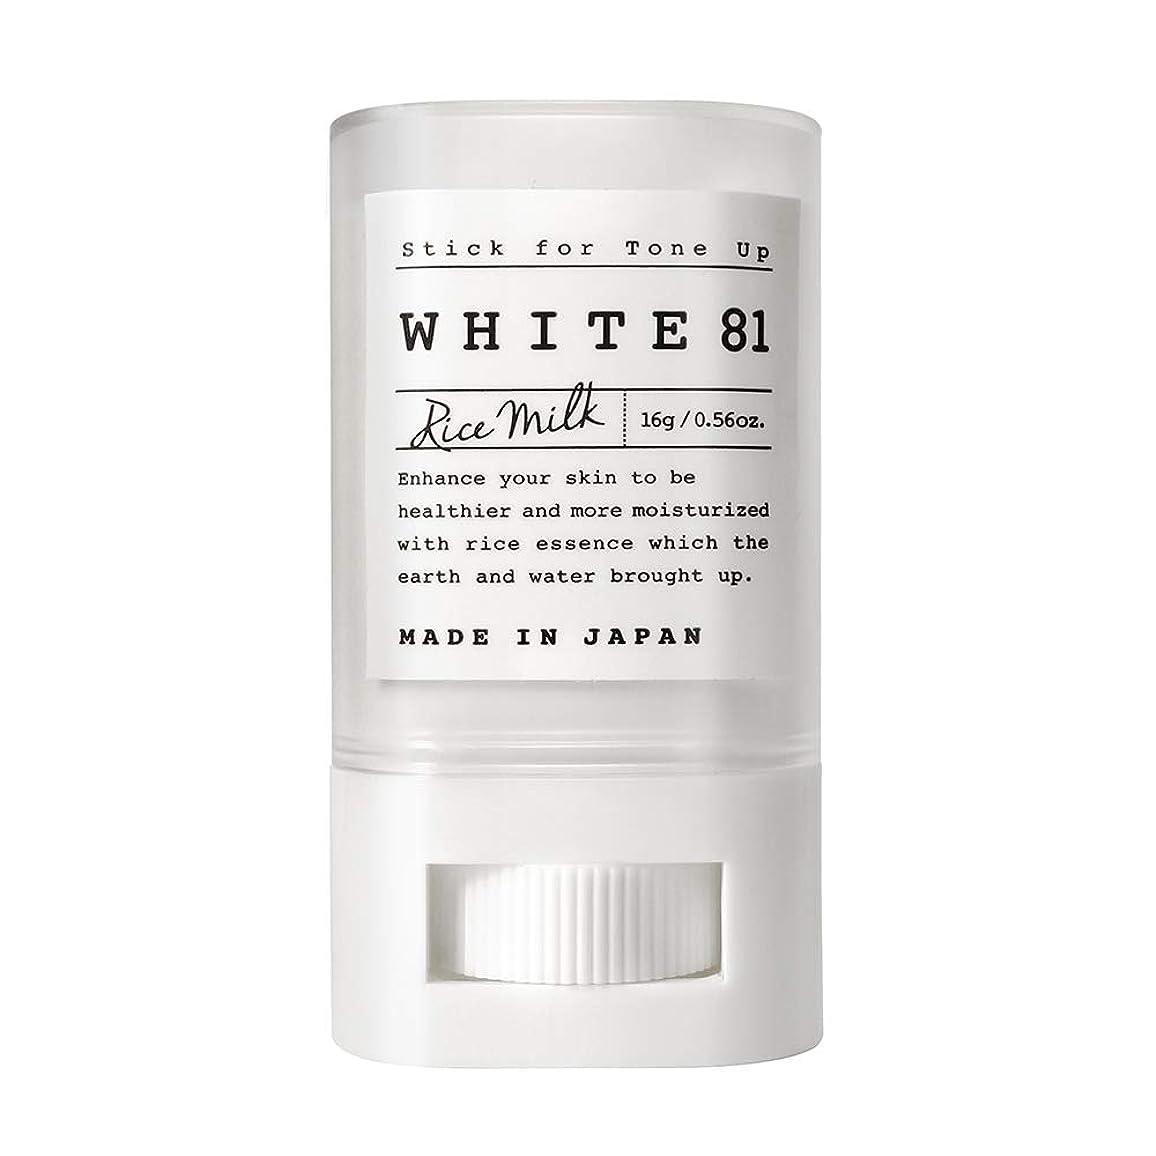 破産老人アルファベットWHITE81 ホワイト81 トーンアップスティック(化粧下地?日焼け止め / SPF35?PA+++?ウォータープルーフ?複合保湿成分配合?肌に優しい6種のフリー / 日本製)